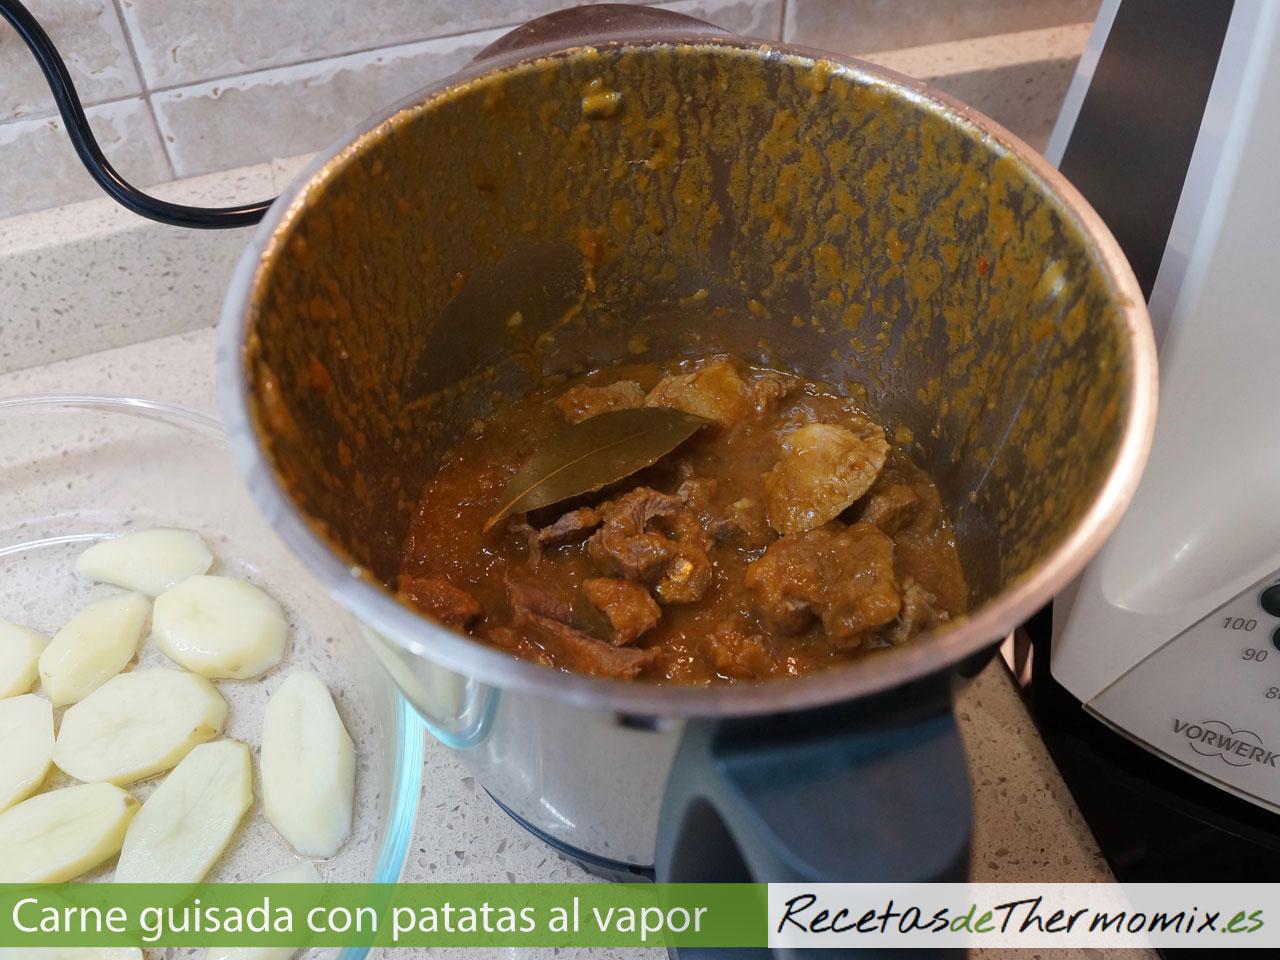 Cómo preparar carne guisada con patatas al vapor en Thermomix